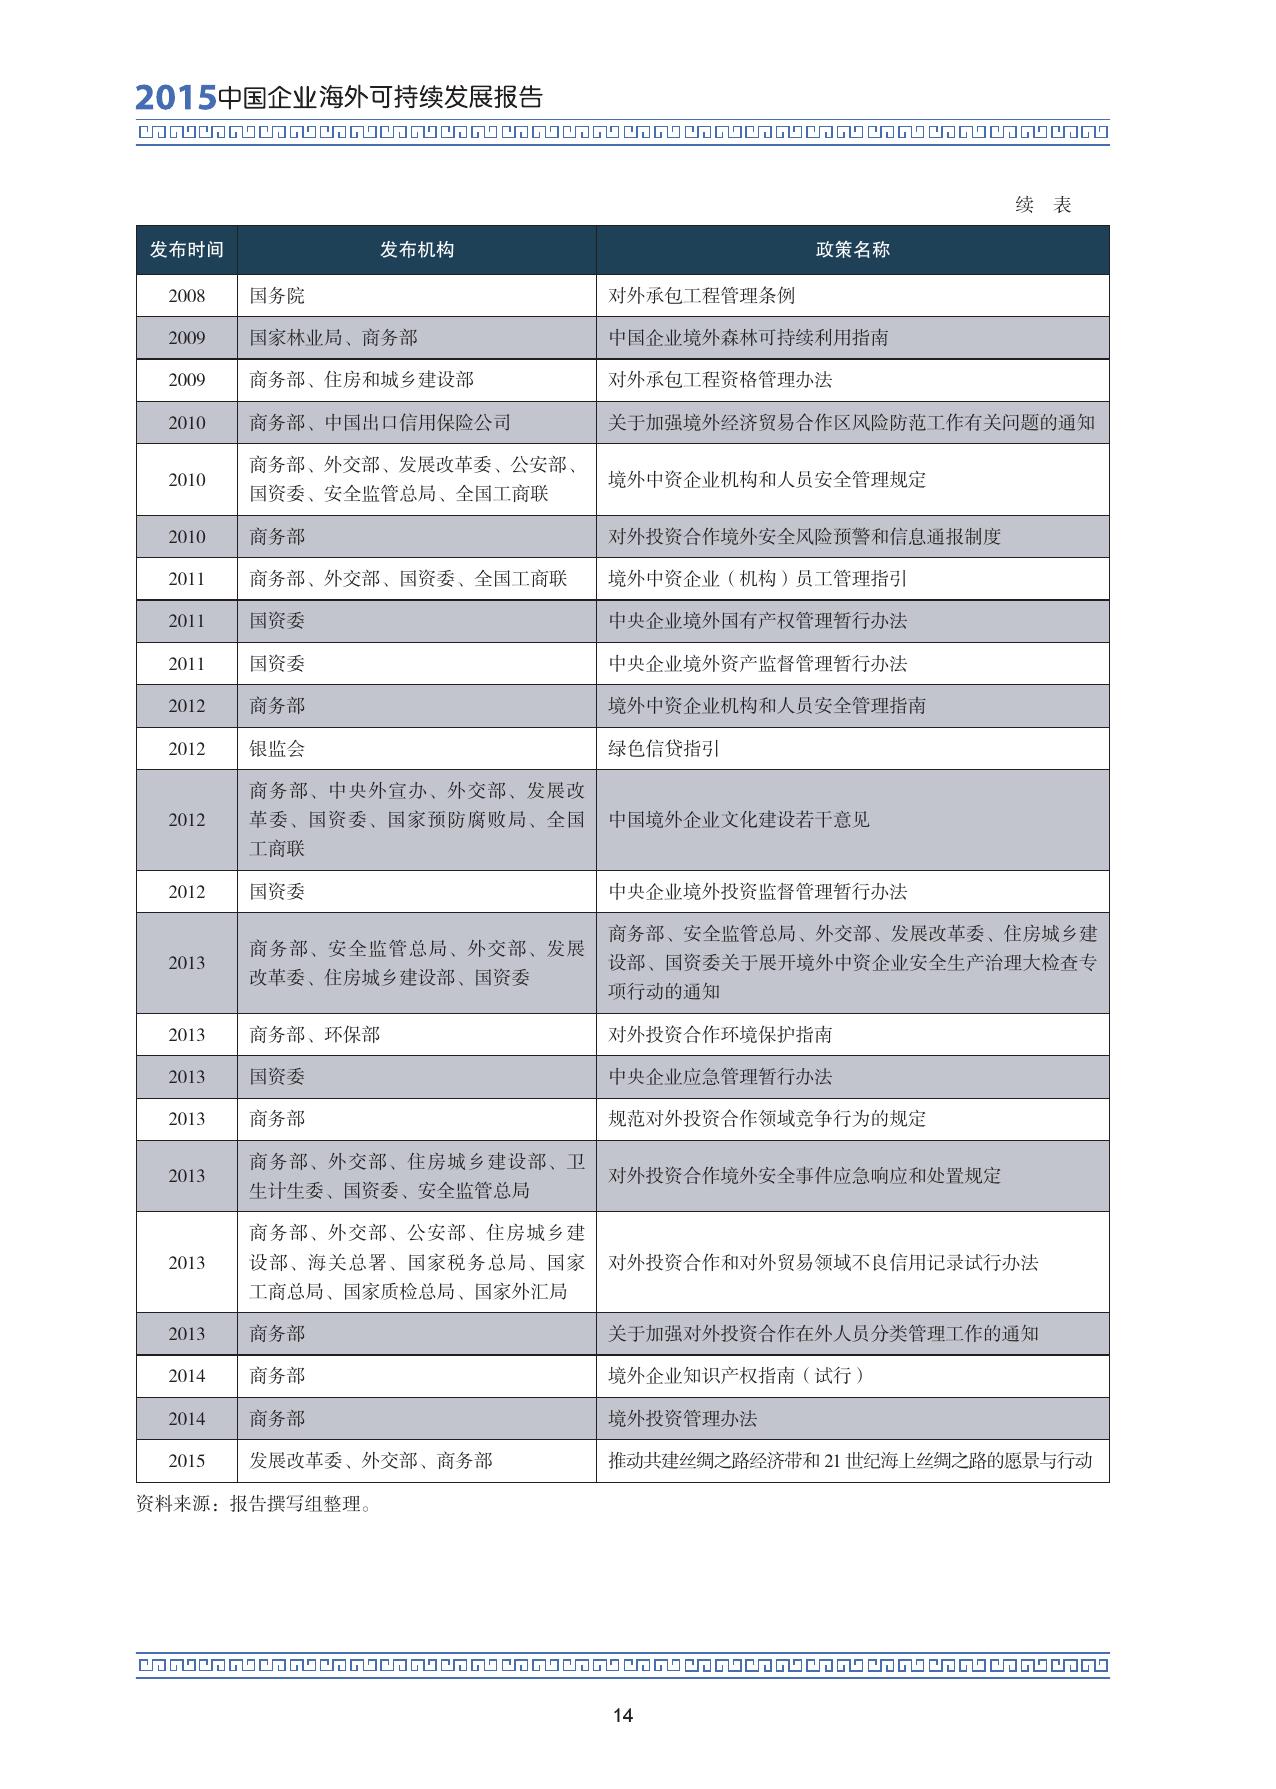 2015中国企业海外可持续发展报告_000028